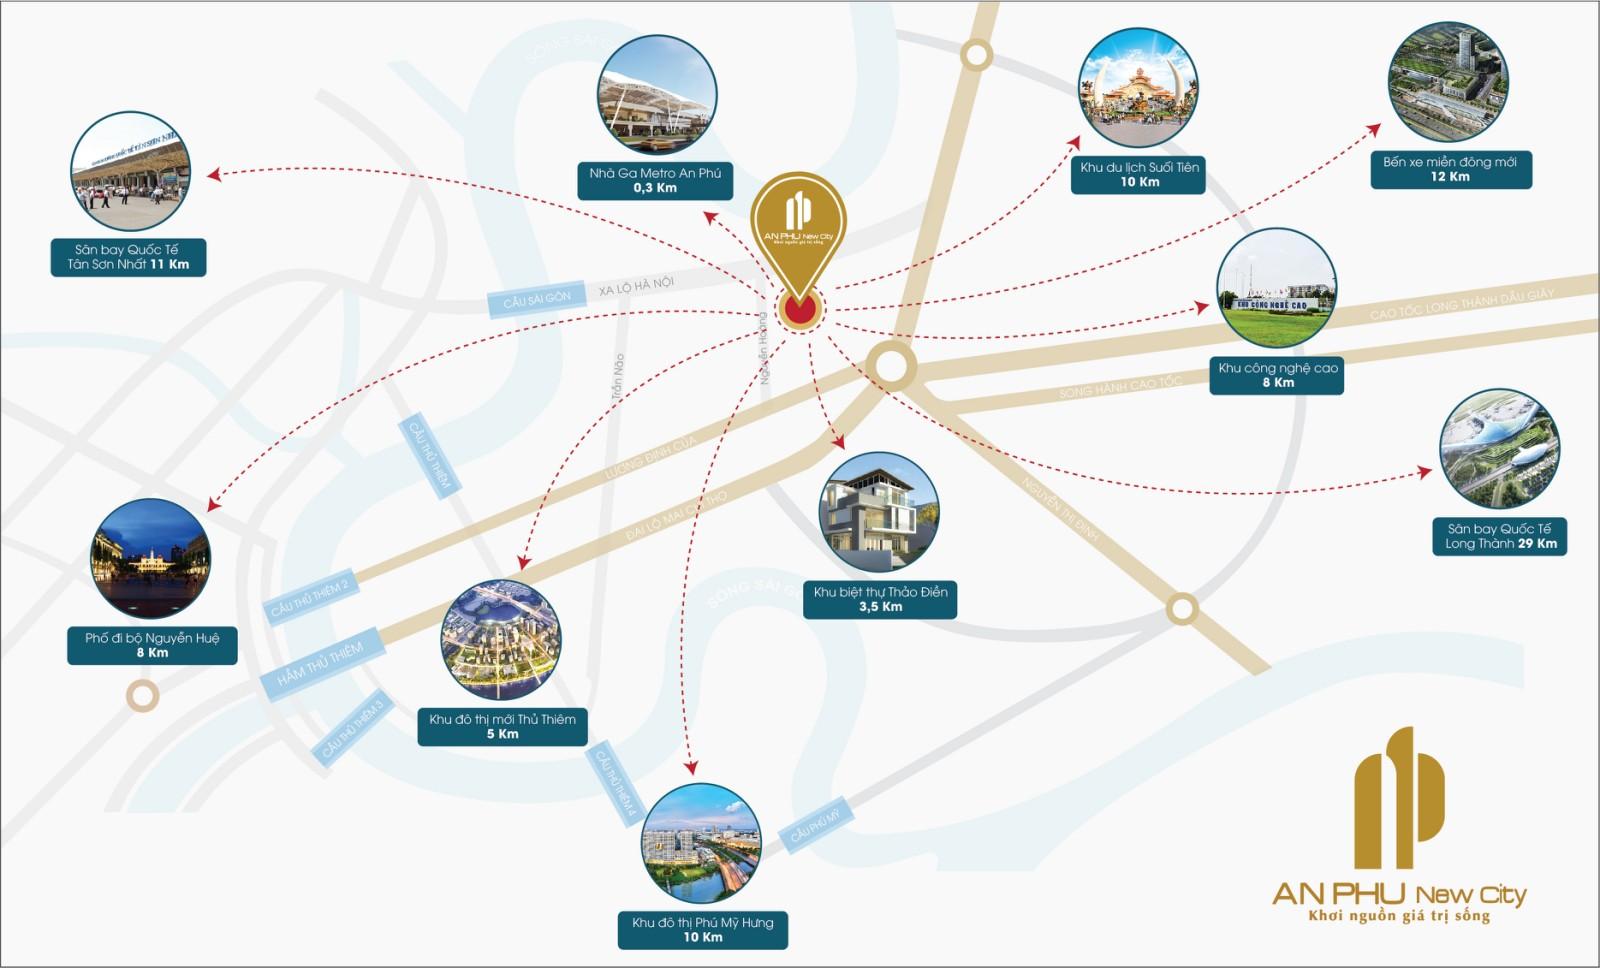 Sơ đồ liên kết vùng dự án An Phu New City với các ký hiệu mũi tên gạch đứt màu đỏ, hình tròn và ghi chú màu xanh